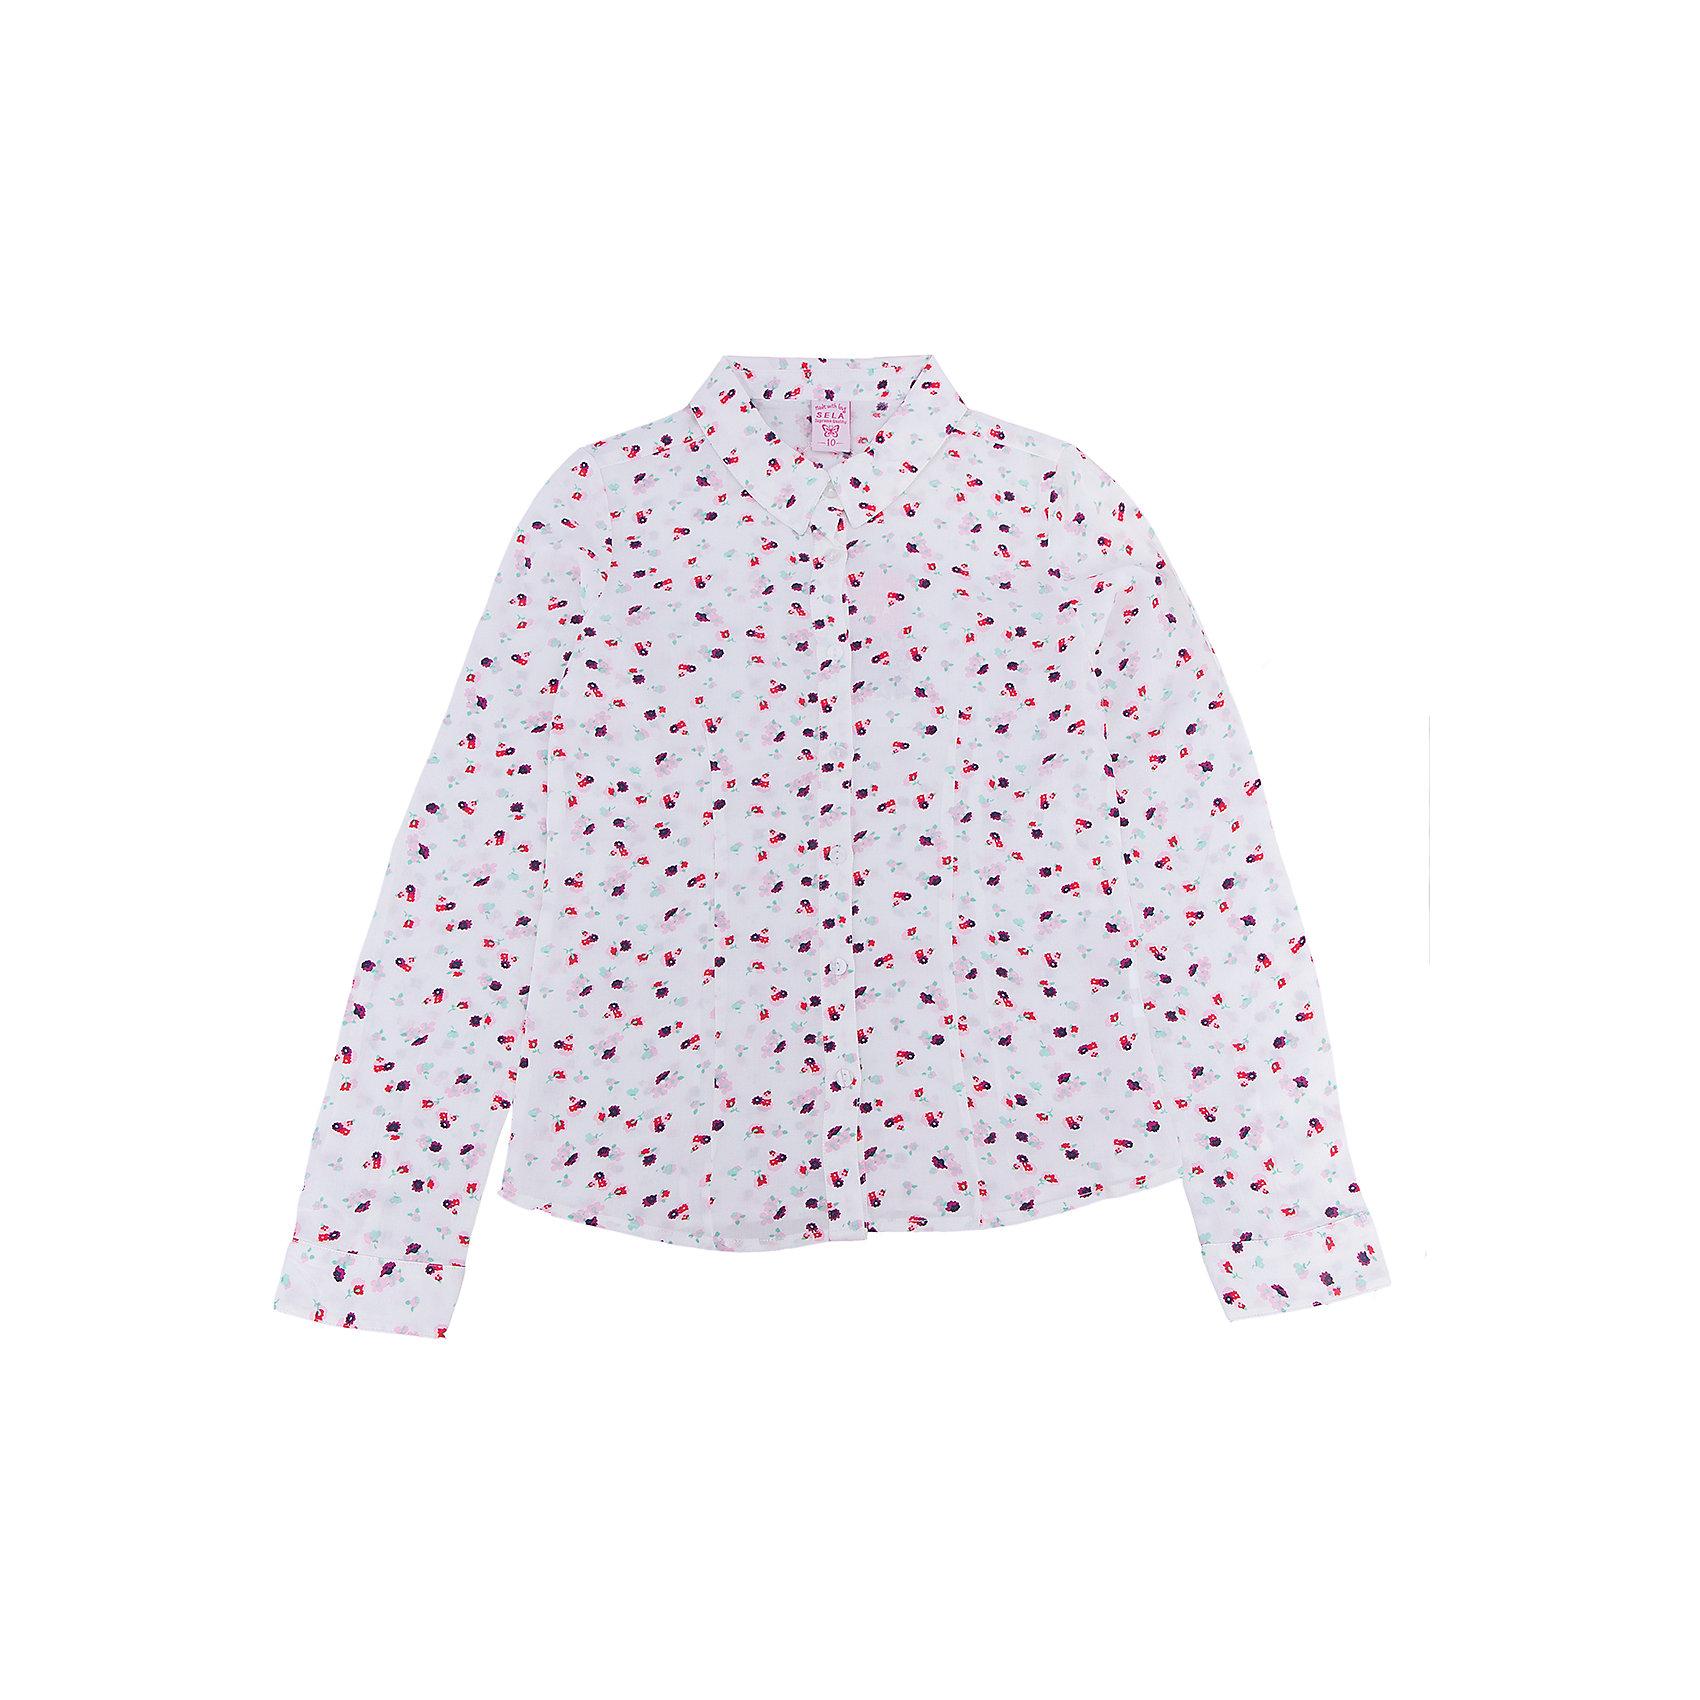 Блуза для девочки SELAБлузки и рубашки<br>Характеристики:<br><br>• Вид детской и подростковой одежды: блузка<br>• Предназначение: повседневная (для школы), праздничная<br>• Сезон: весна-лето<br>• Стиль: романтичный<br>• Тематика рисунка: цветочный<br>• Цвет: белый принт<br>• Материал: вискоза, 100%<br>• Силуэт: полуприталенный<br>• Длина рукава: длинный с манжетом<br>• Воротник: отложной<br>• Застежка: пуговицы на передней планке<br>• Особенности ухода: допускается деликатная стирка без использования красящих и отбеливающих средств, глажение на щадящем режиме<br><br>Блуза для девочки SELA из коллекции детской и подростковой одежды от знаменитого торгового бренда, который производит удобную, комфортную и стильную одежду, предназначенную как для будней, так и для праздников. Блузка для девочки SELA выполнена из 100% вискозы, которая характеризуется повышенными гипоаллергенными свойствами, обладает легким весом, прочностью, не изменяет цвет и форму при длительном использовании и частых стирках. Изделие выполнено в классическом стиле: полуприталенный силуэт, длинный рукав с манжетами и отложной воротничок. Светло-бежевый цвет и мелкий цветочный принт придают изделию романтическую нотку. Блузка для девочки SELA может быть в качестве базовой вещи в гардеробе девочки, прекрасно будет сочетаться с однотонным строгим пиджаком.<br><br>Блузу для девочки SELA можно купить в нашем интернет-магазине.<br><br>Ширина мм: 186<br>Глубина мм: 87<br>Высота мм: 198<br>Вес г: 197<br>Цвет: бежевый<br>Возраст от месяцев: 108<br>Возраст до месяцев: 120<br>Пол: Женский<br>Возраст: Детский<br>Размер: 140,134,146,152,122,128<br>SKU: 5305000